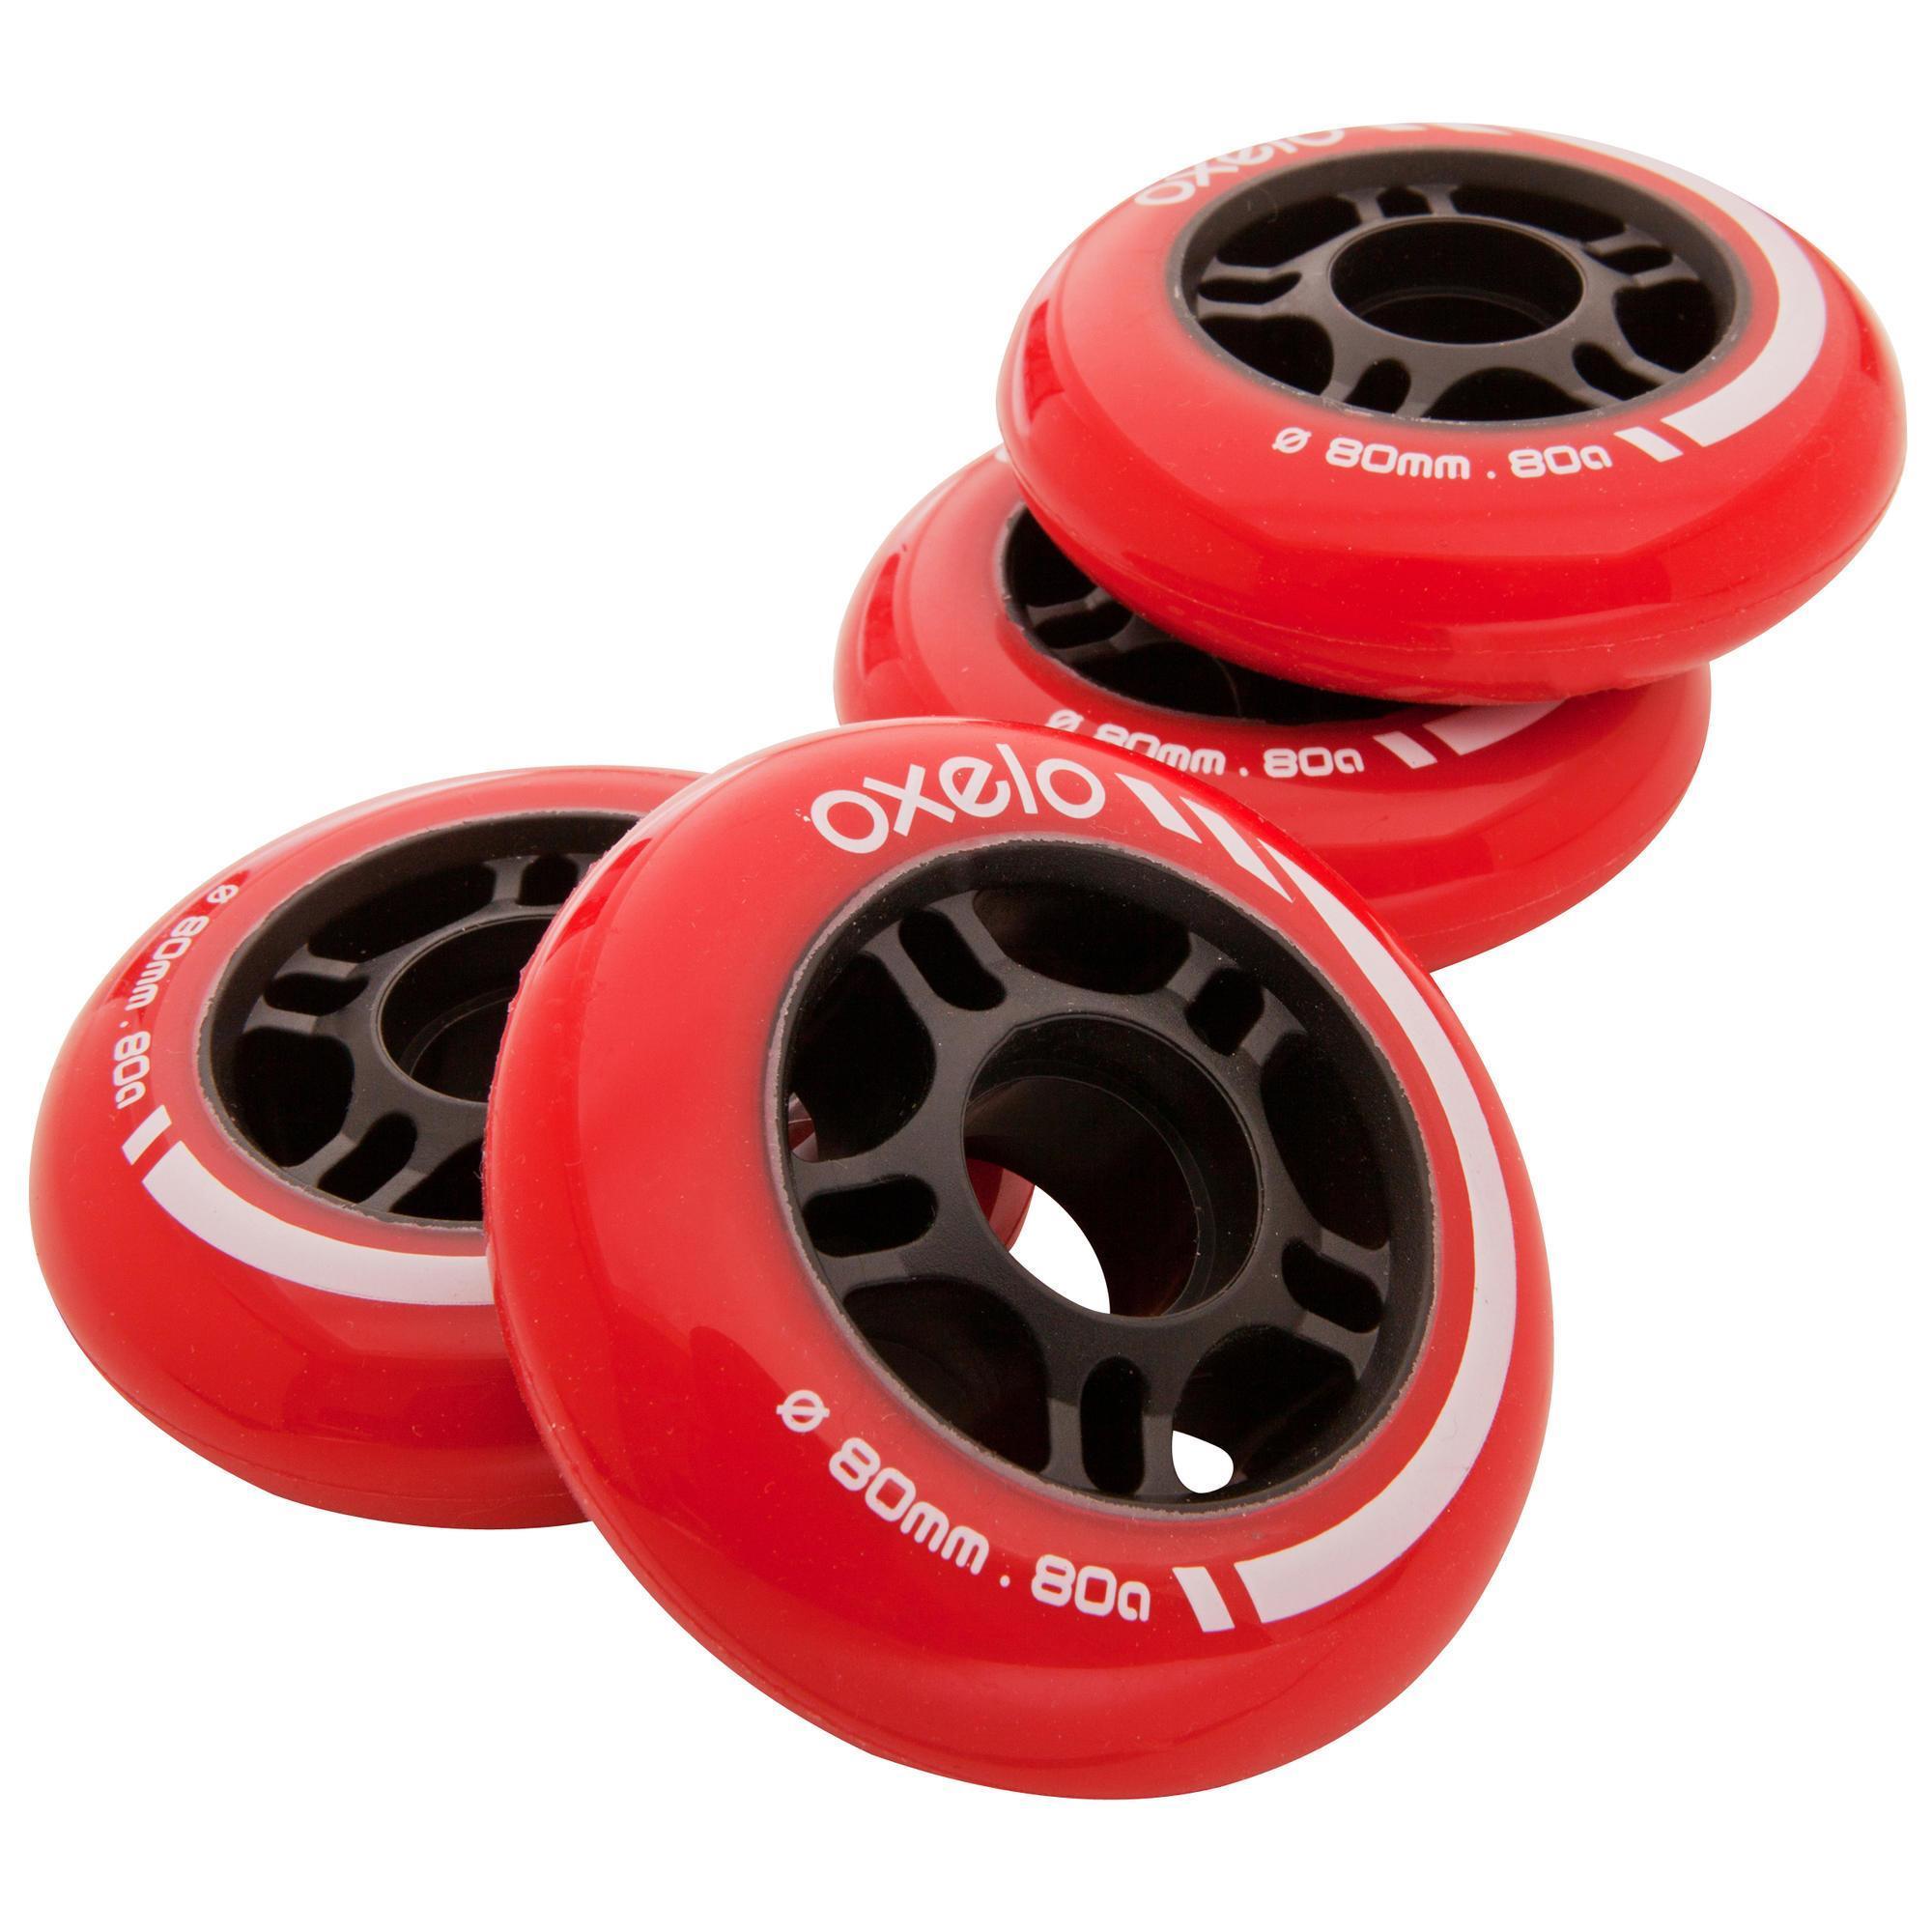 Oxelo 4 wielen inlinehockey